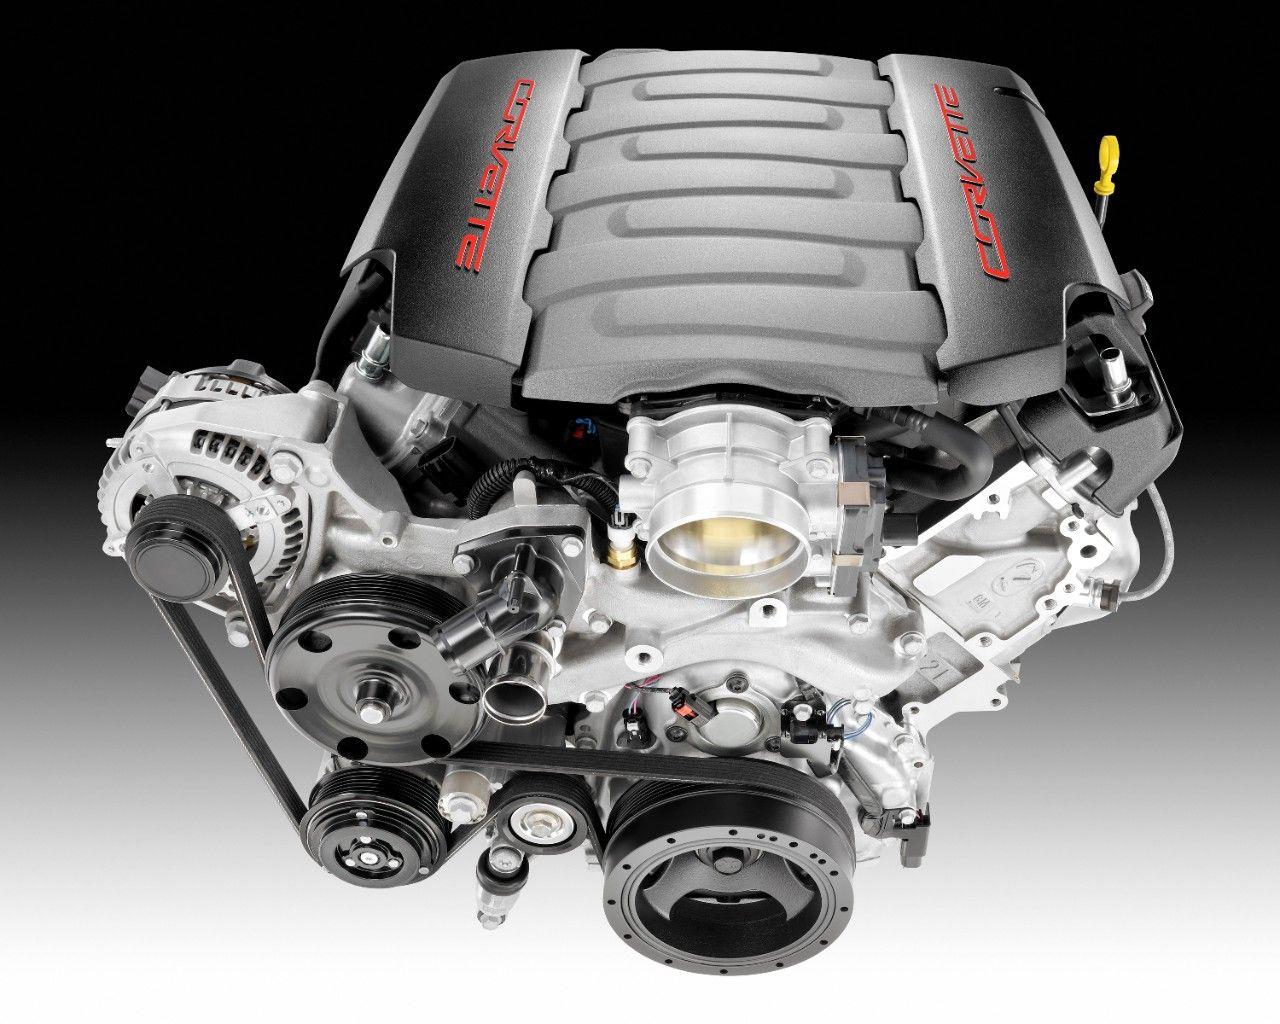 OHVエンジンのよさがわかる年齢になりました(苦笑) : クルマのミライ